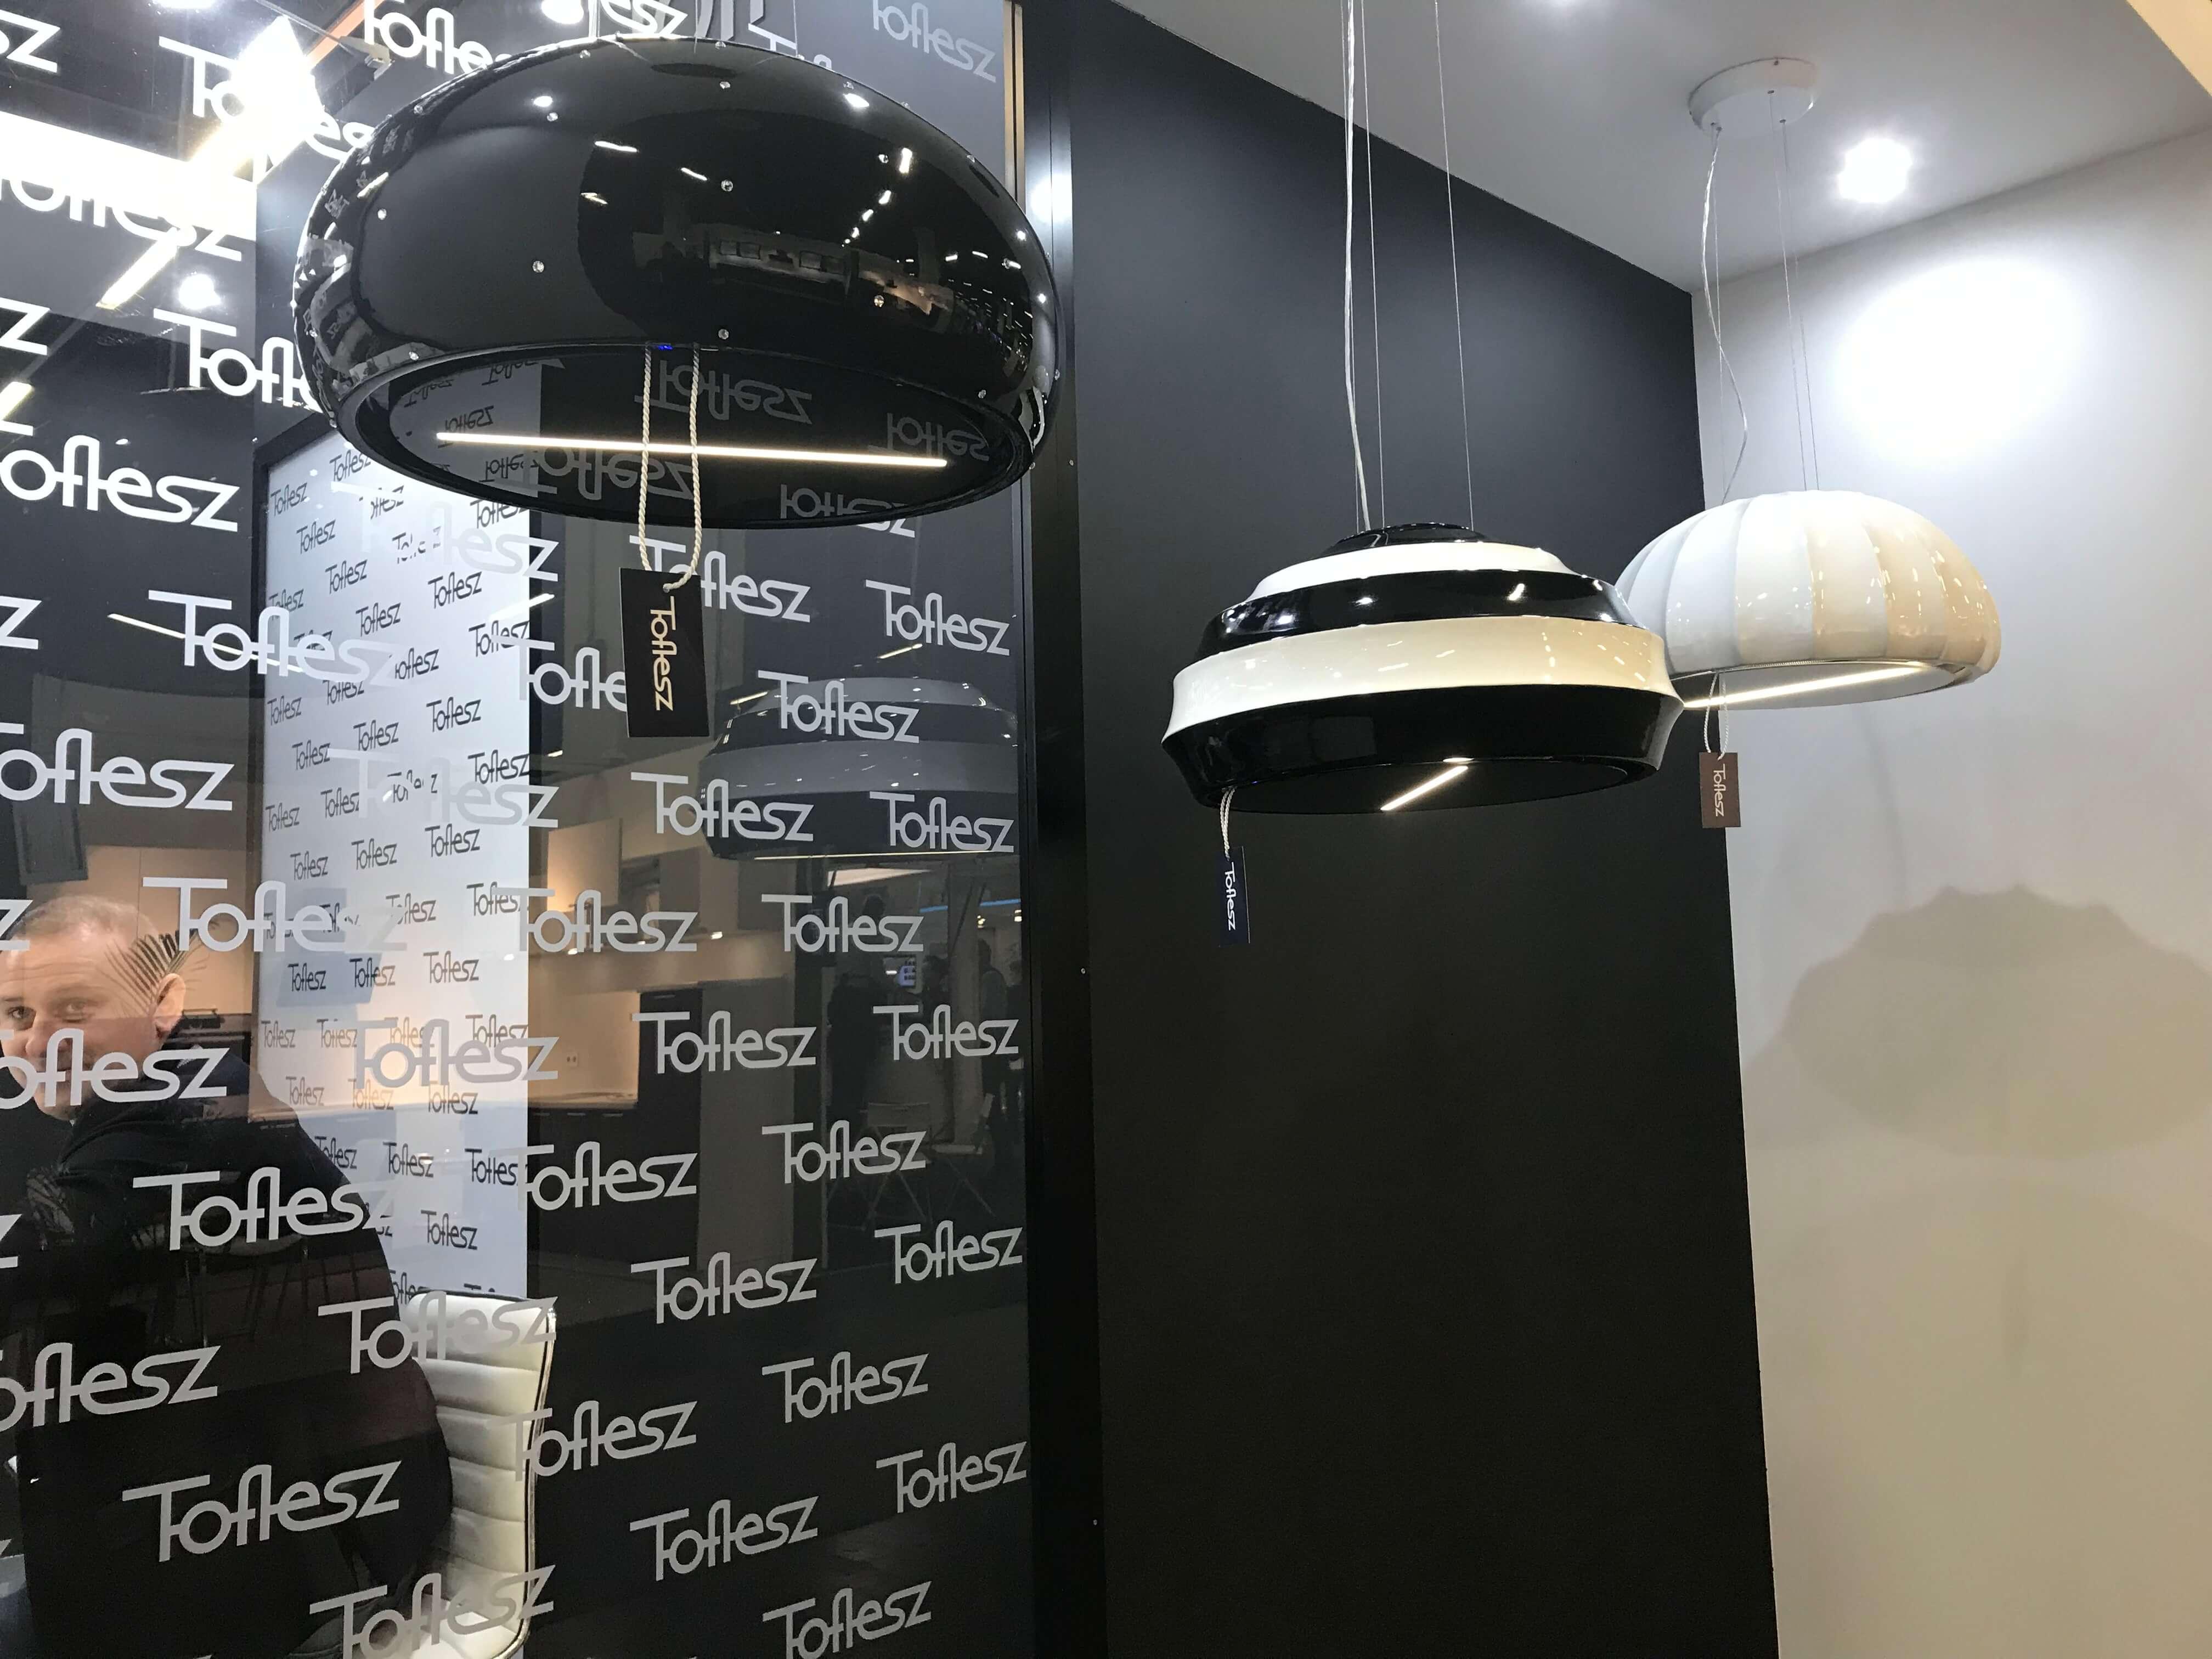 Schwarz-weiß spielt bei diesen Leuchten von Toeflesz neben der ausladend runden Form die Hauptrolle